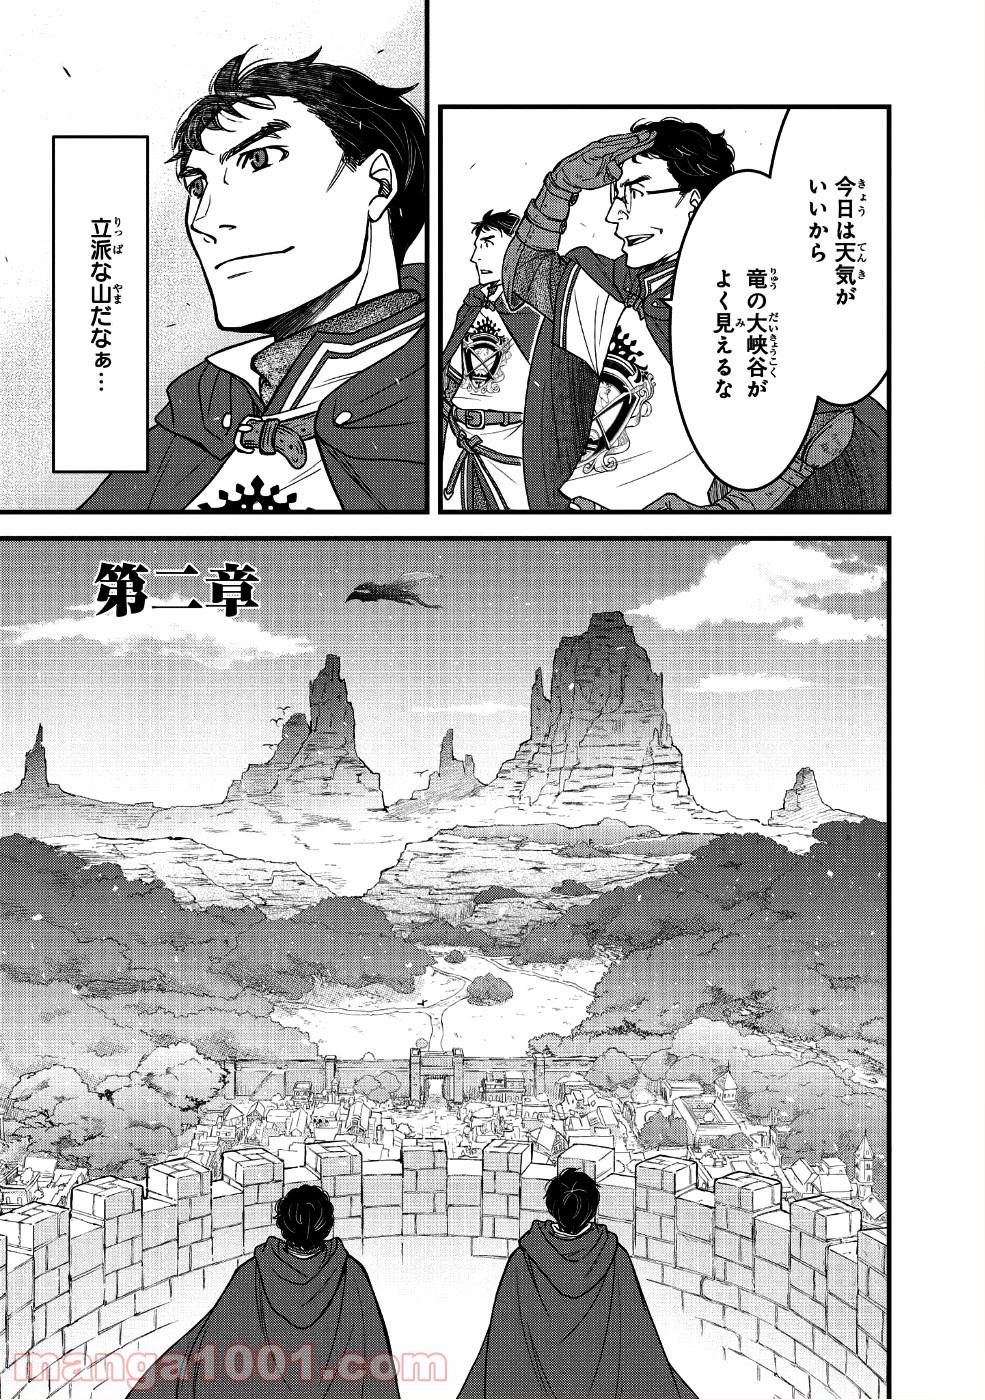 騎士団長 島耕作 - Raw 【第2話】 - Manga1001.com